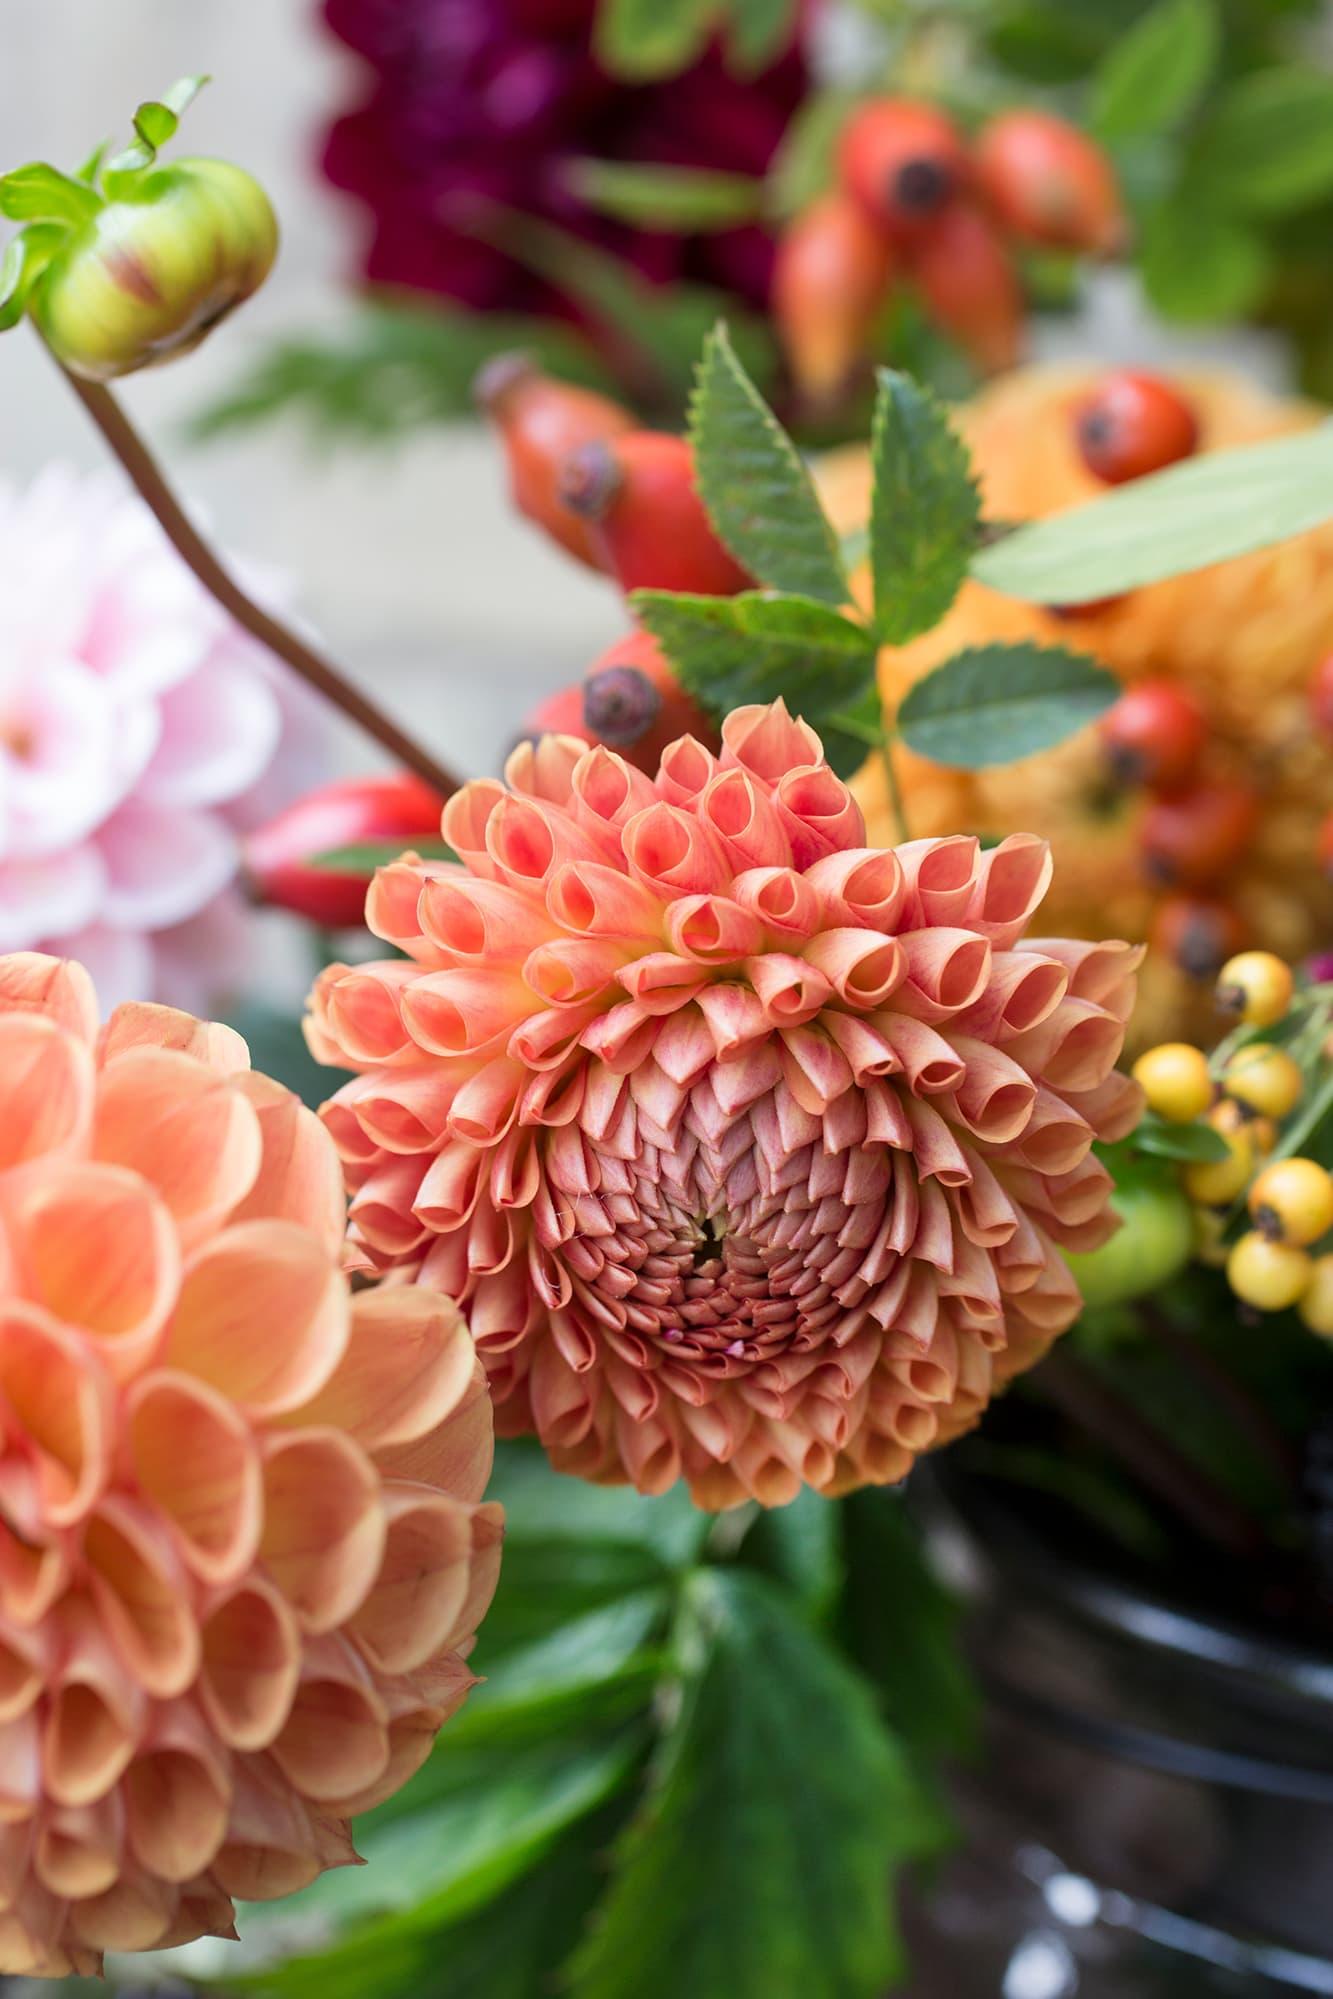 Dahlior är helt klart en av höstens bästa blommor till snitt. En enda planta producerar så mycket blommor att det räcker till både kransar och buketter ända tills frosten kommer. Glöm inte att ta upp knölarna från jorden och förvara dem mörkt och svalt i exempelvis sågspån.